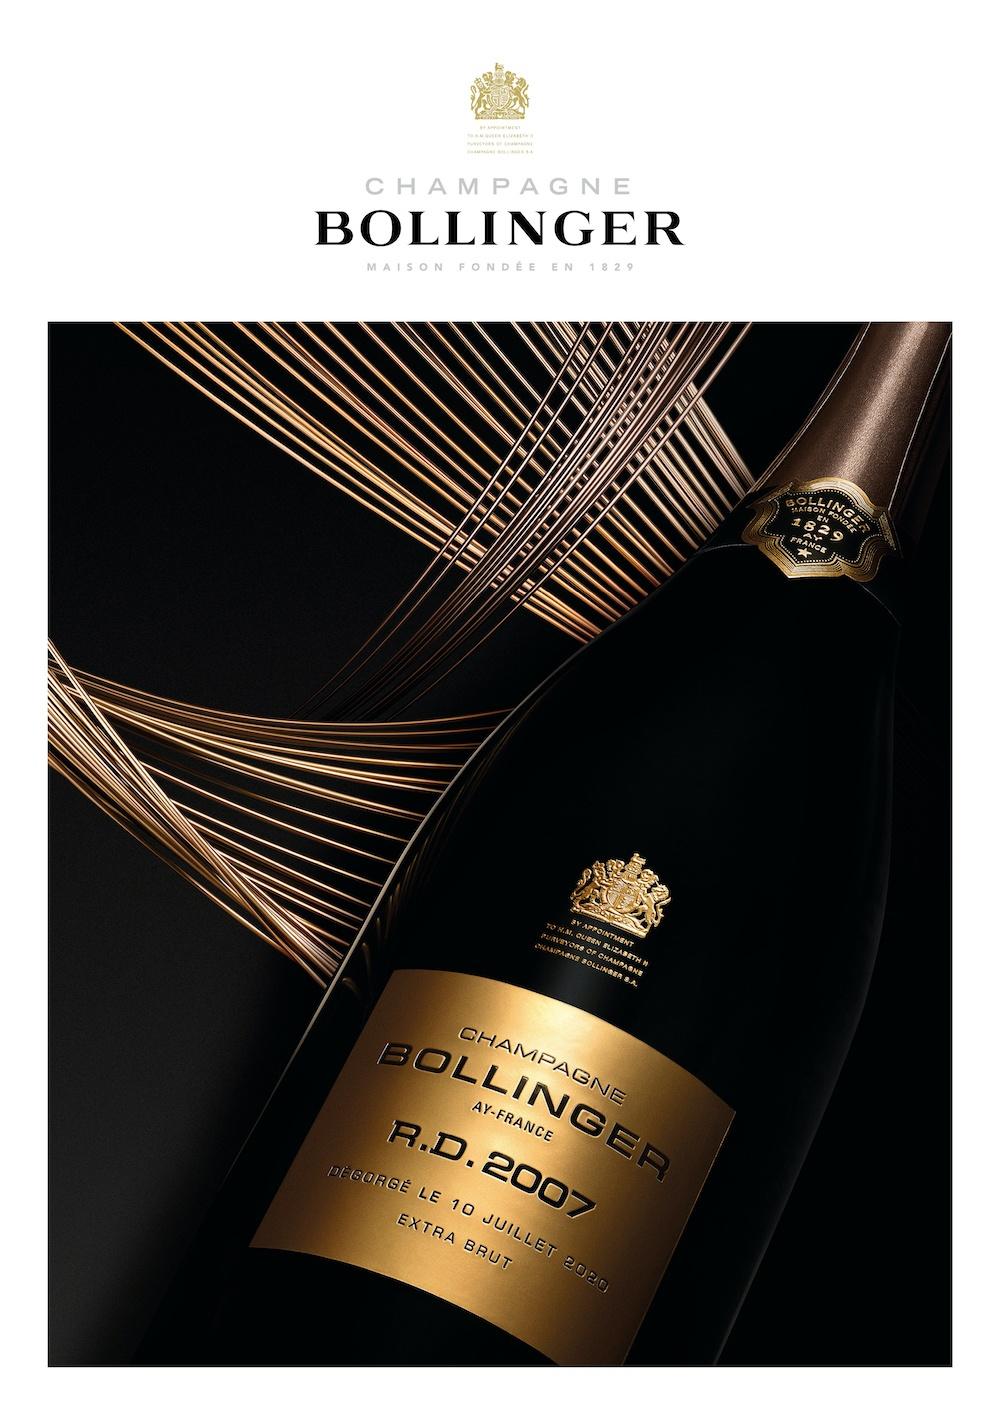 R.D. 2007, el champagne Bollinger más audaz.